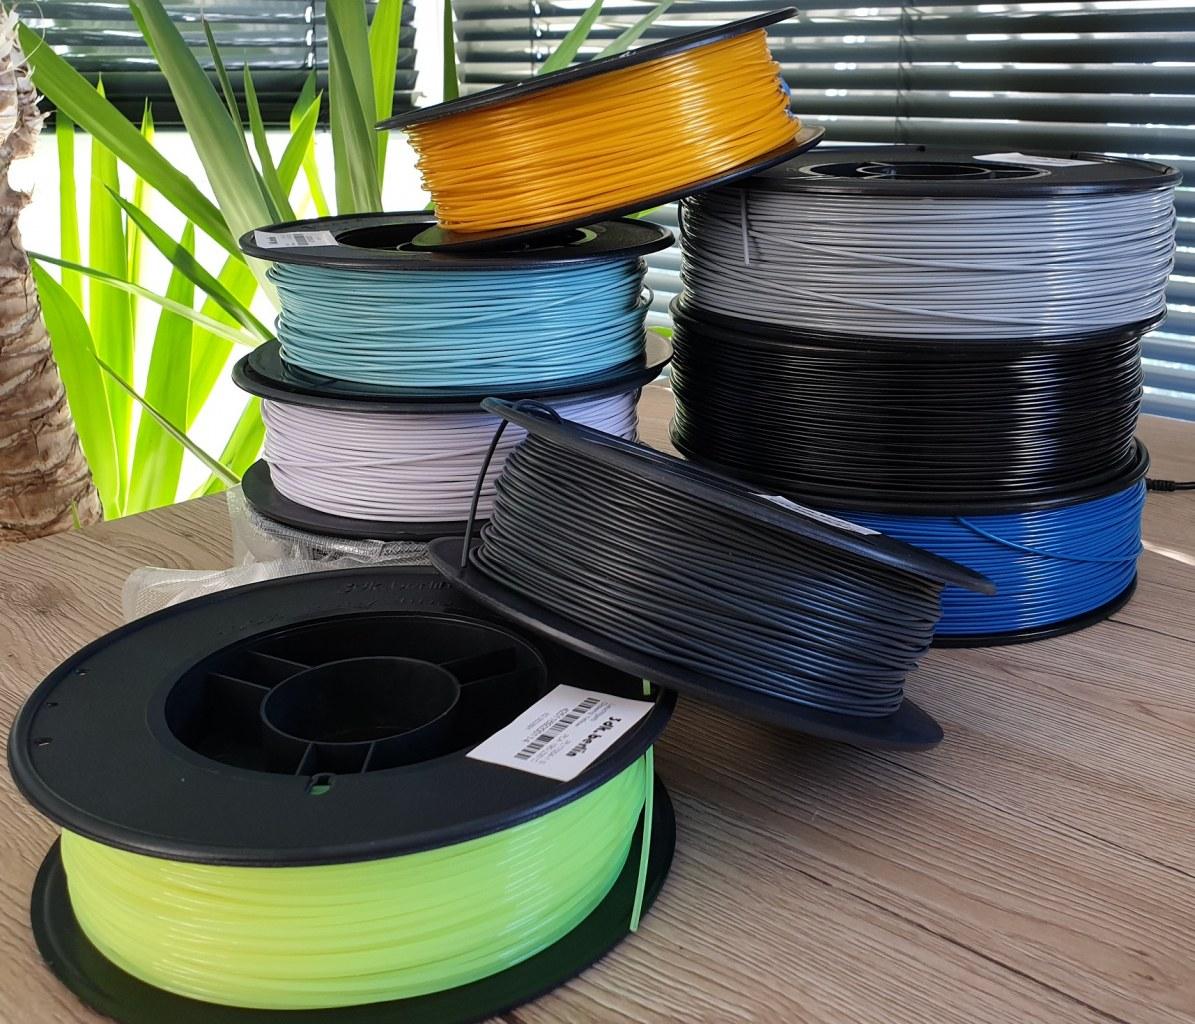 3dkberlin_filament_2